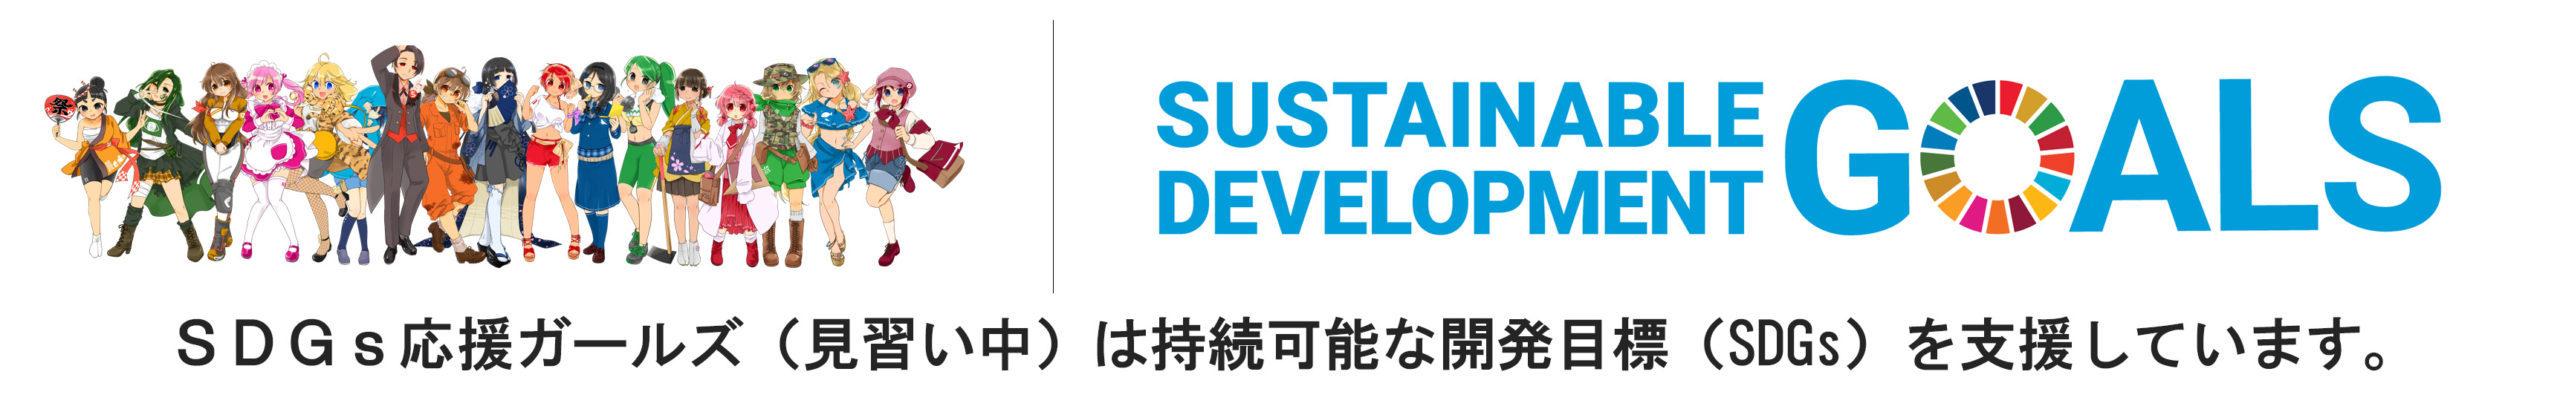 SDGs応援ガールズ(見習い中)